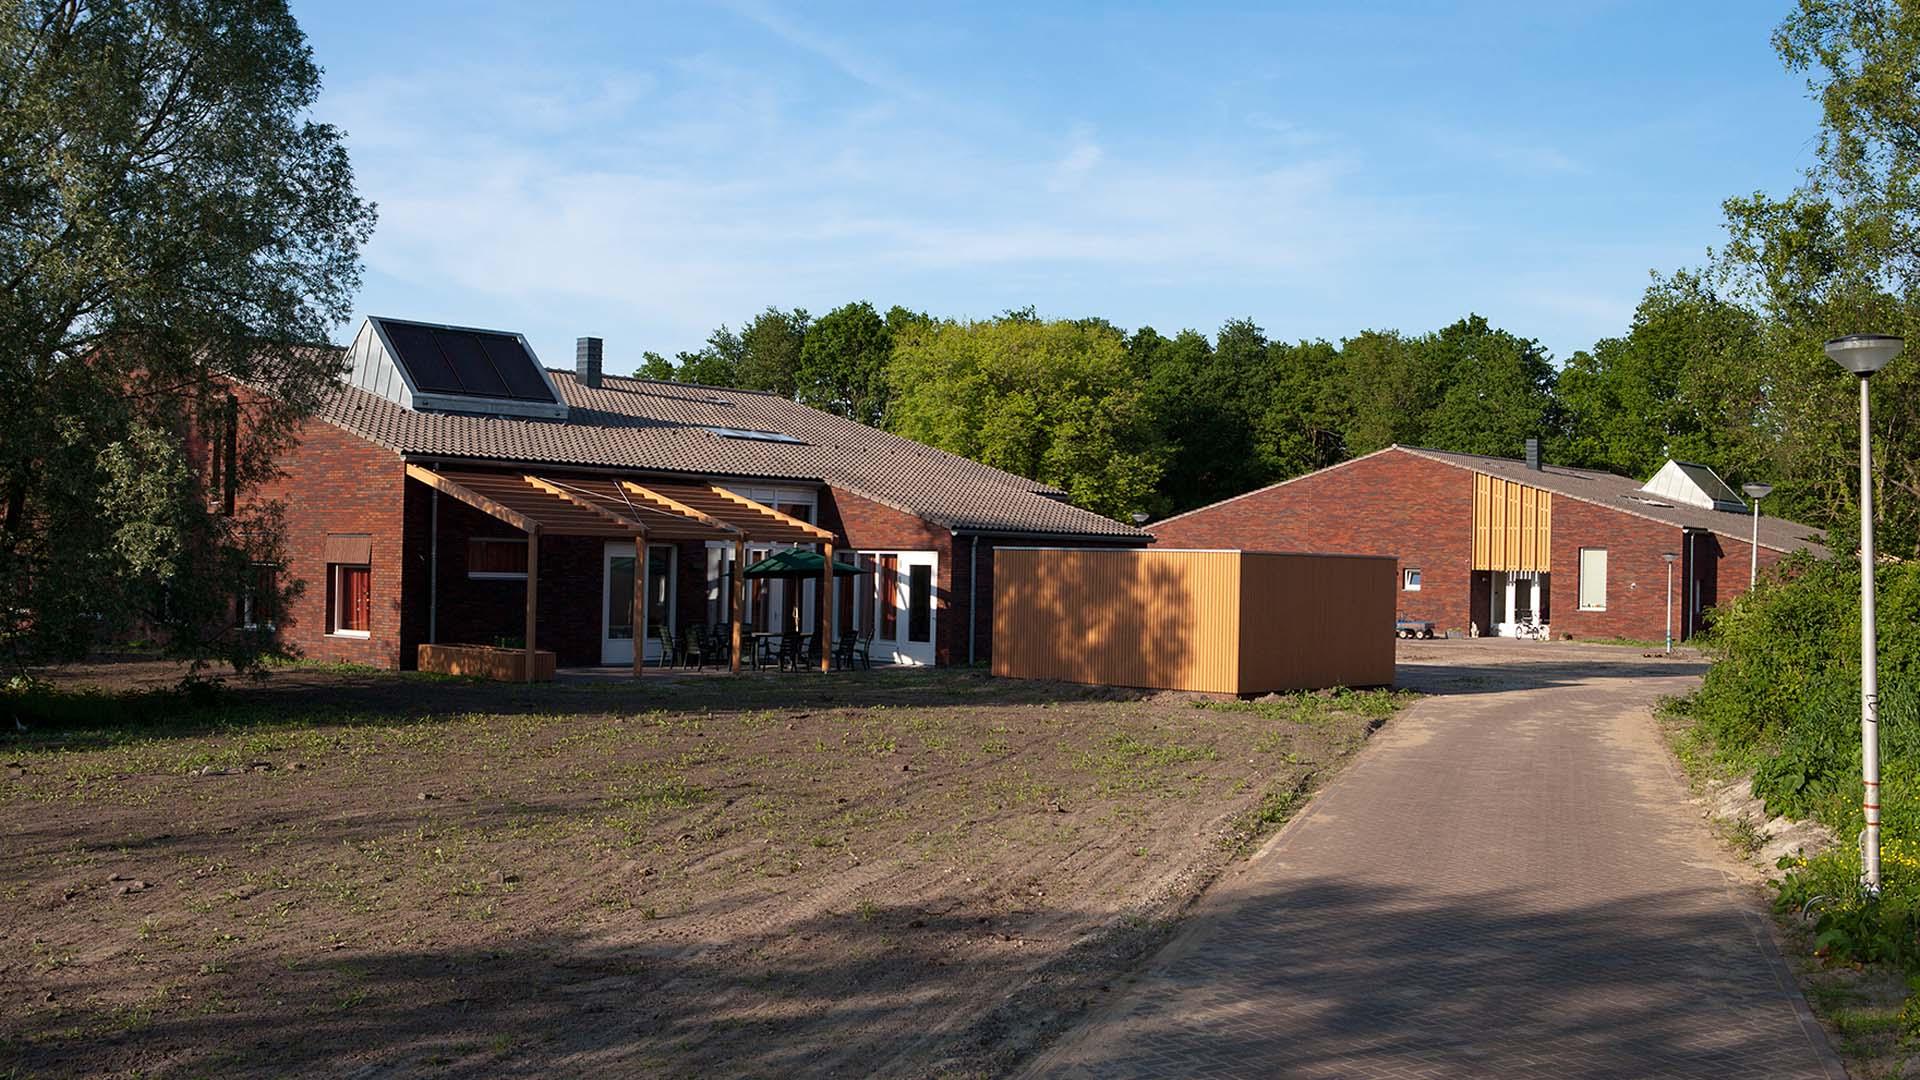 0960_Nieuw Woelwijck Sappemeer_04